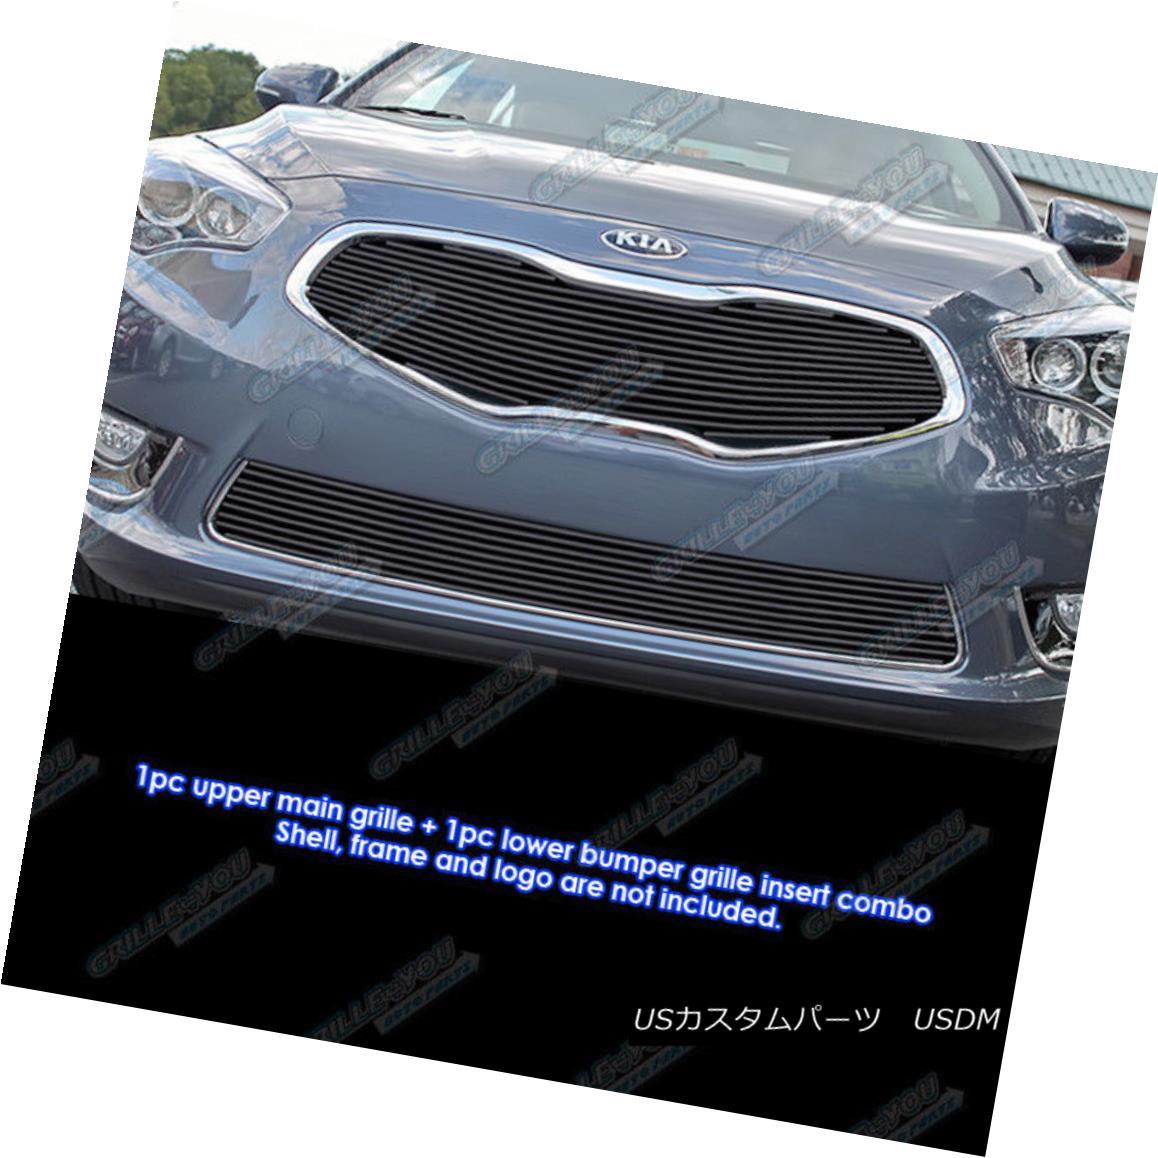 グリル Fits 2014-2015 Kia Cadenza Bolt Over Black Billet Grille Combo フィット2014-2015ブラックビレットグリルコンボ以上のキアカデンツァボルト